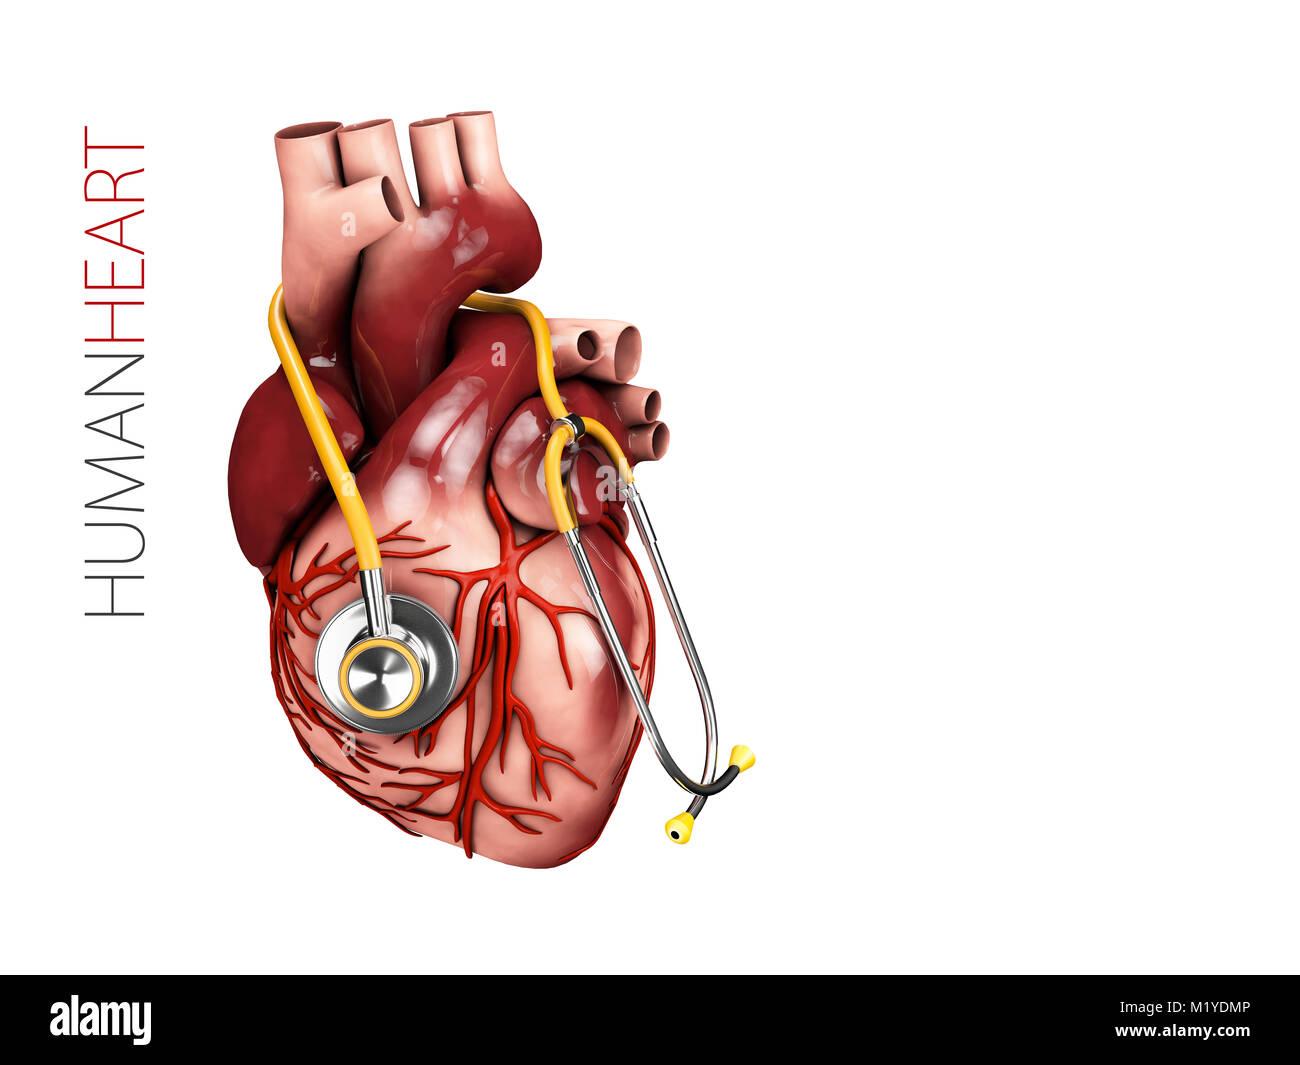 Fein Menschliches Herz Anatomie Und Physiologie Bilder - Menschliche ...